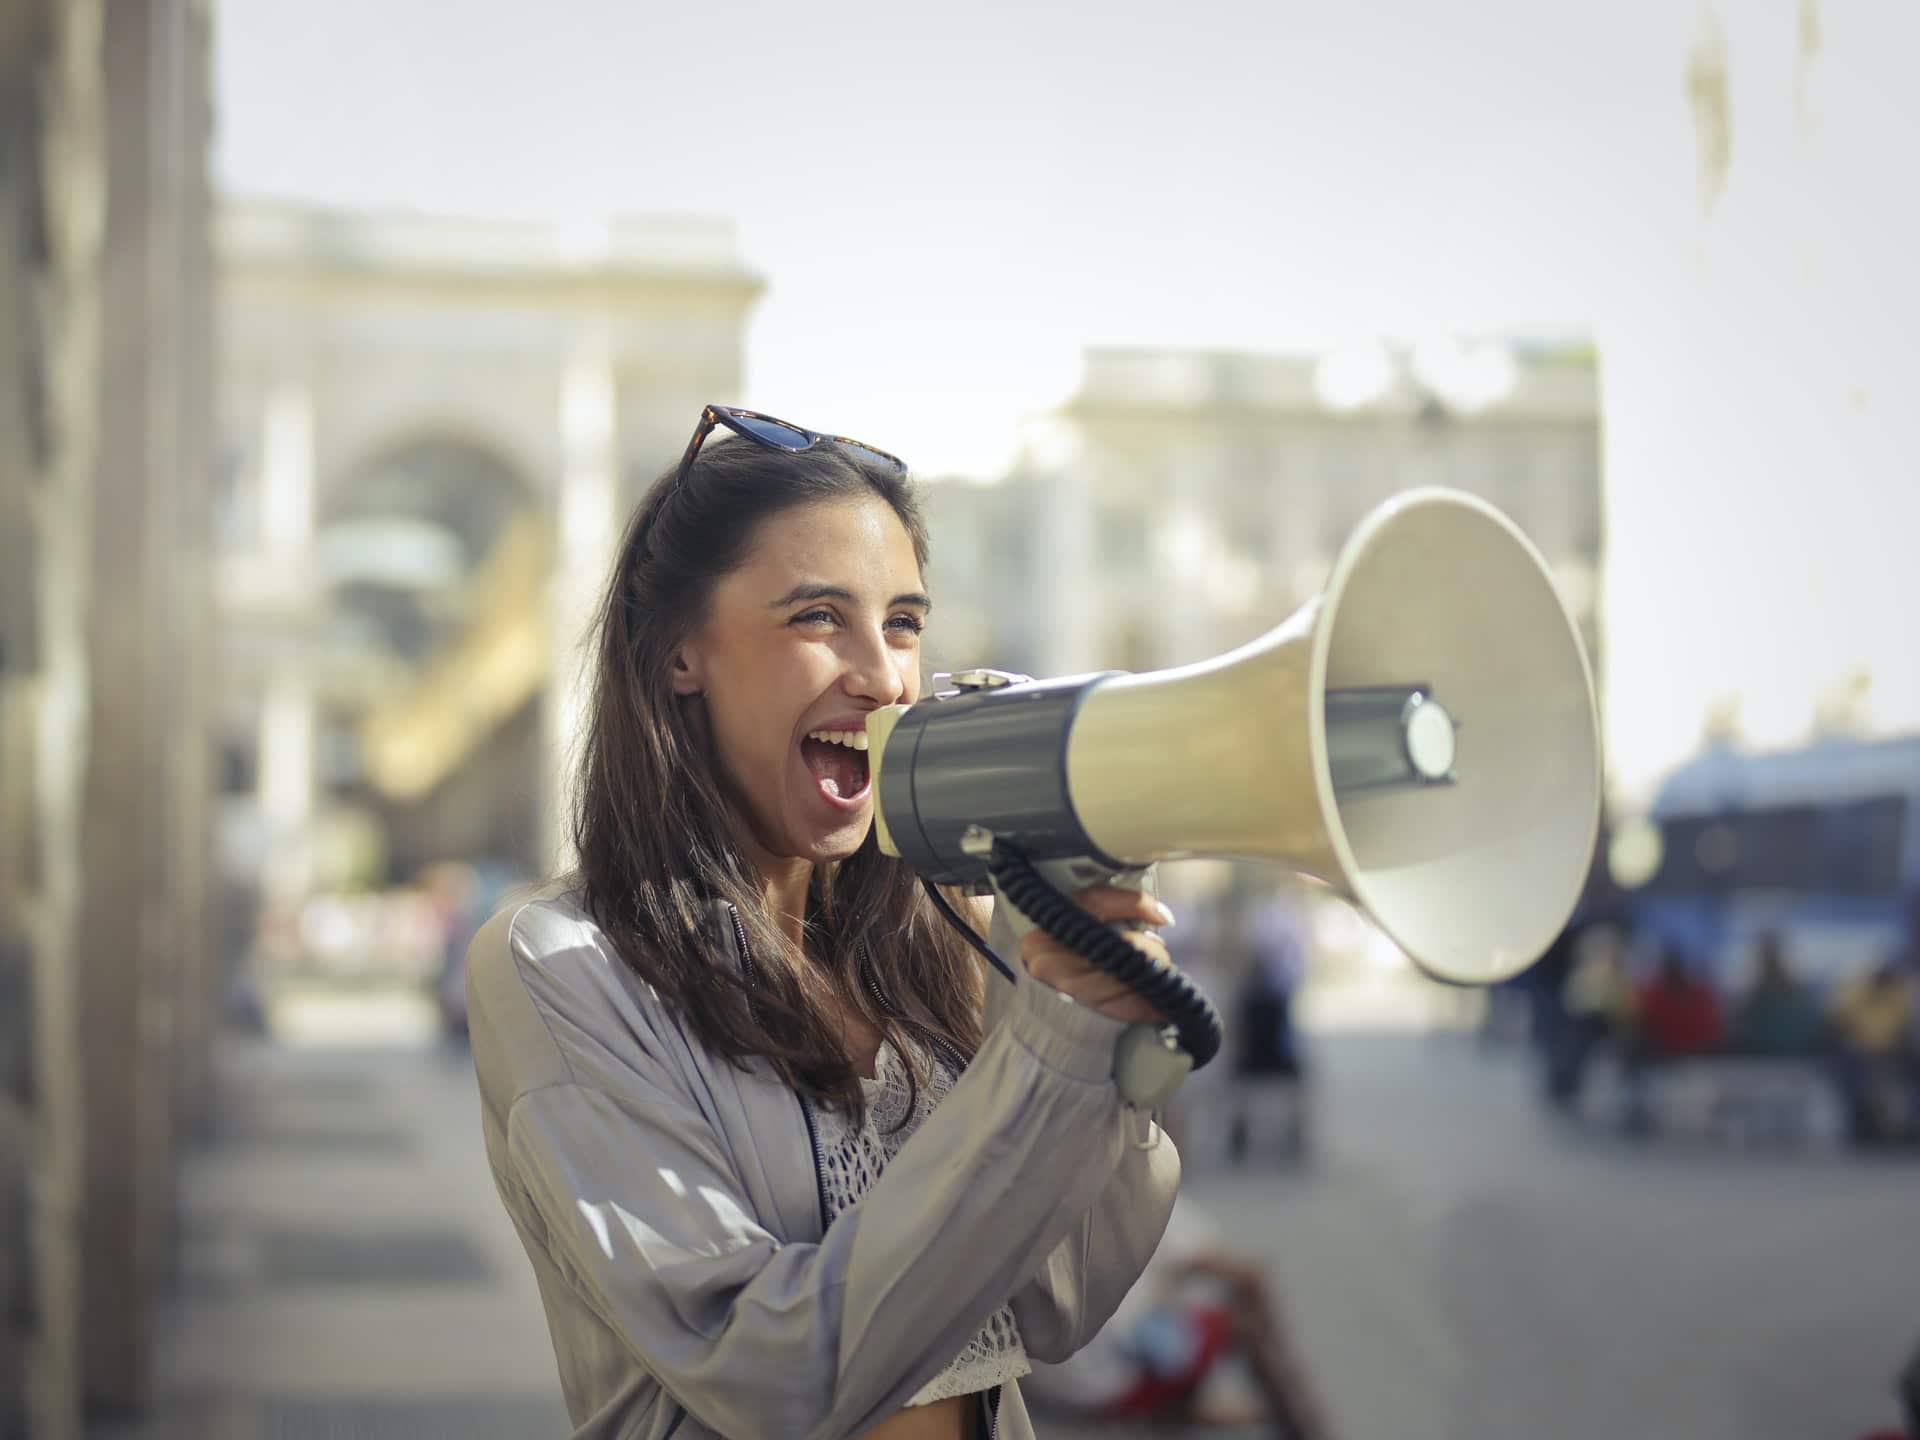 Stimme verbessern 10 Tipps um besser zu klingen und für eine sympathischere und spannendere Stimme   Argumentorik